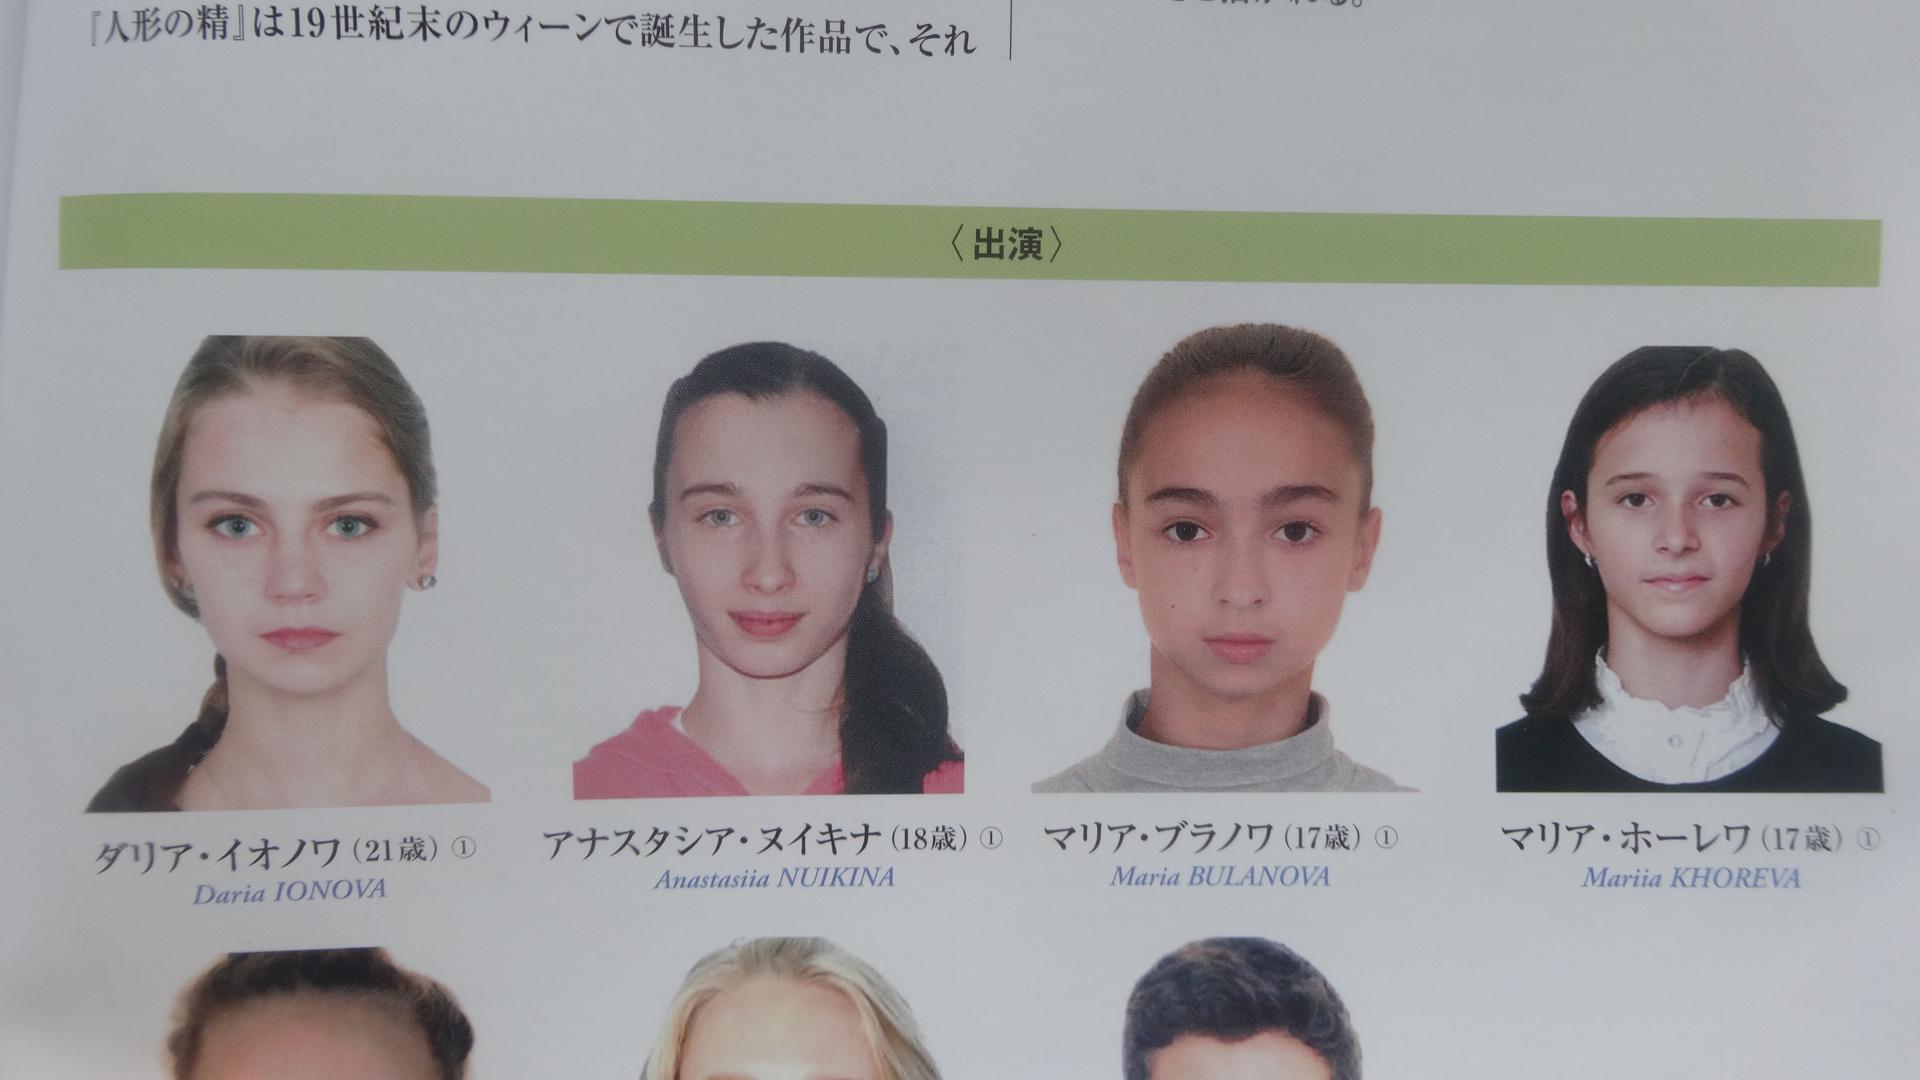 プログラムに出ていた生徒さんたちの顔写真